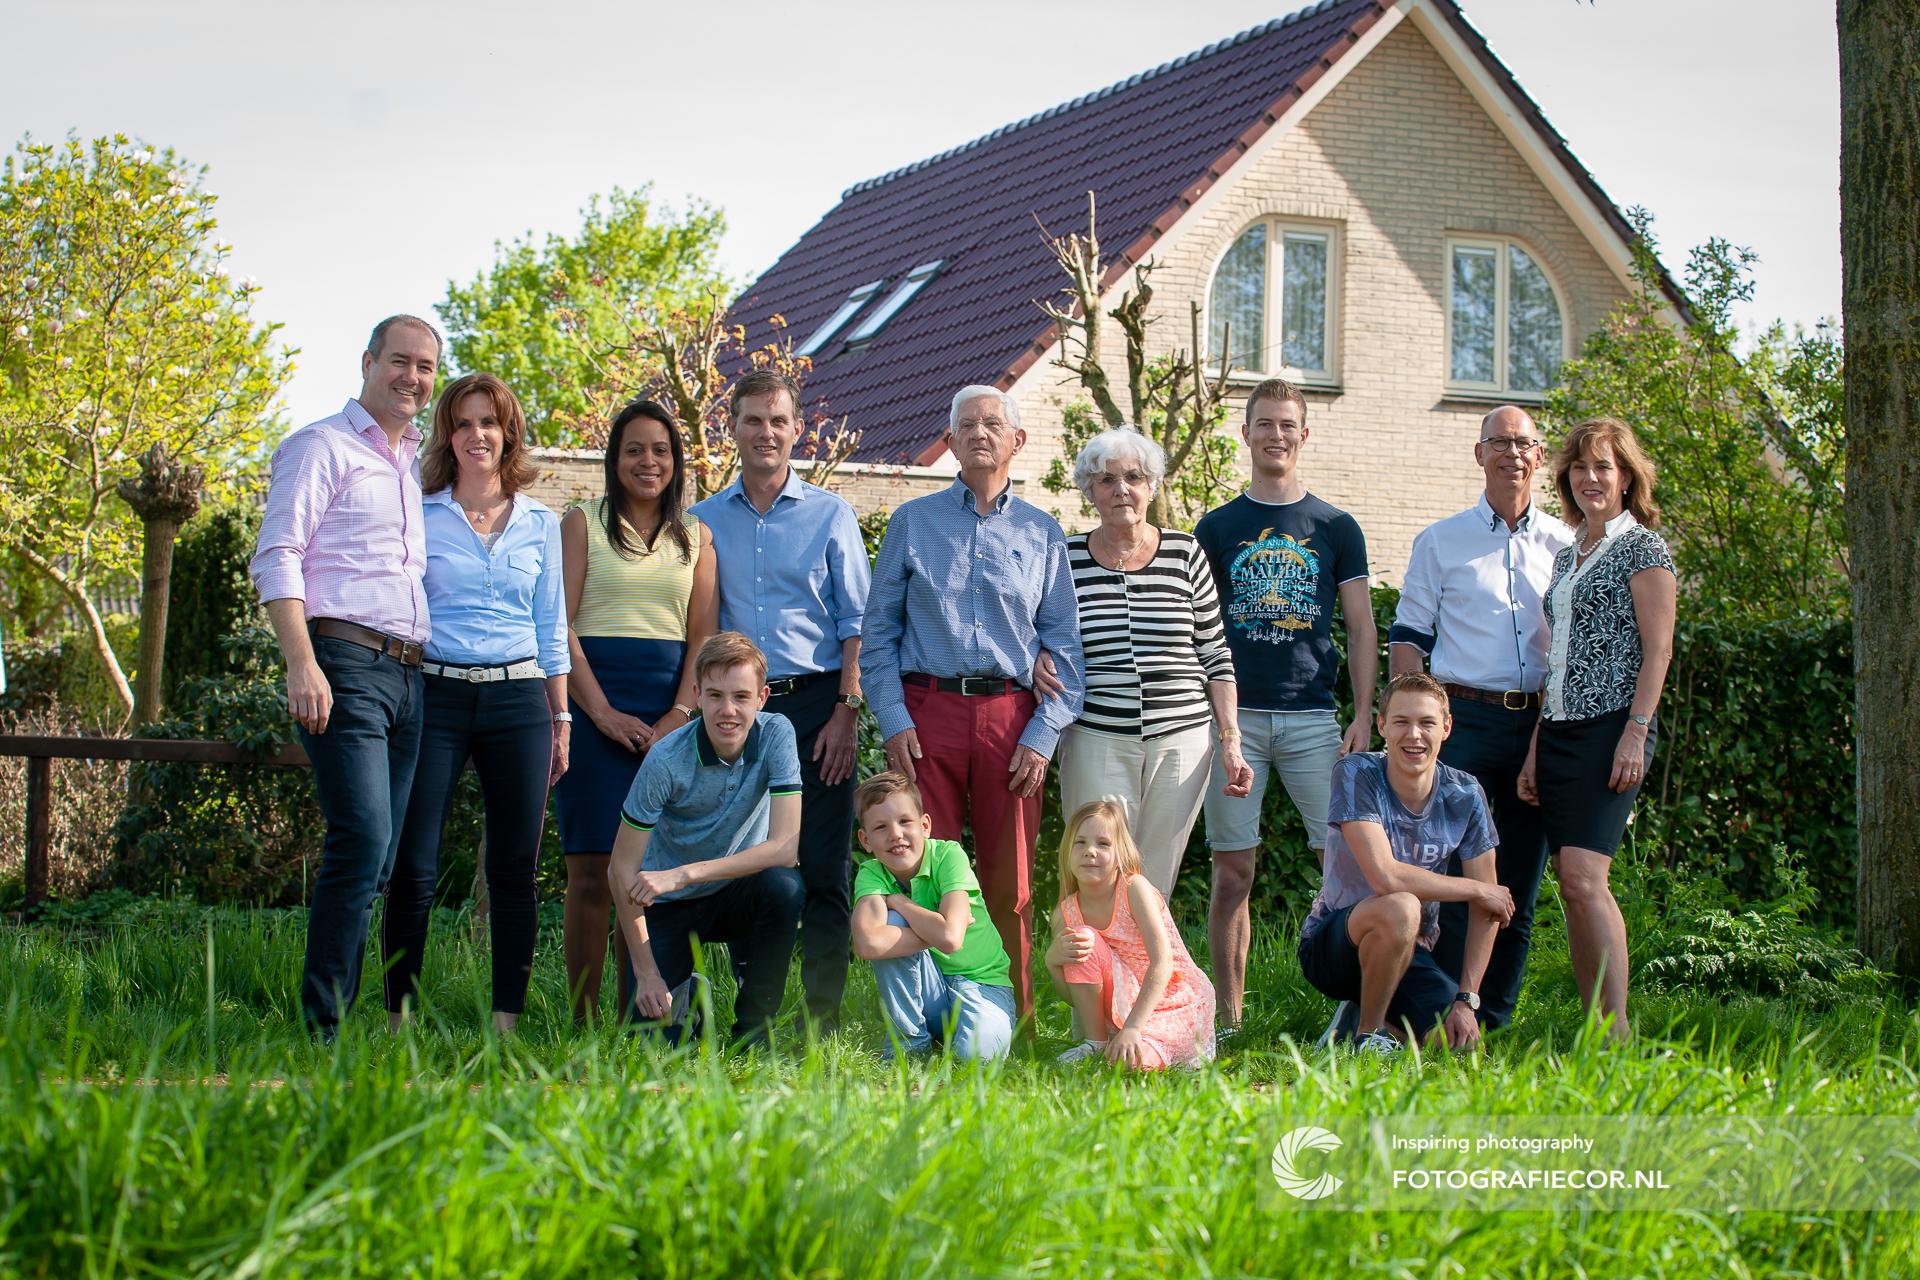 familie fotoshoot op locatie | gezin fotoshoot | Kampen fotograaf | De maten Woonwijk | groepsportret | familiefoto